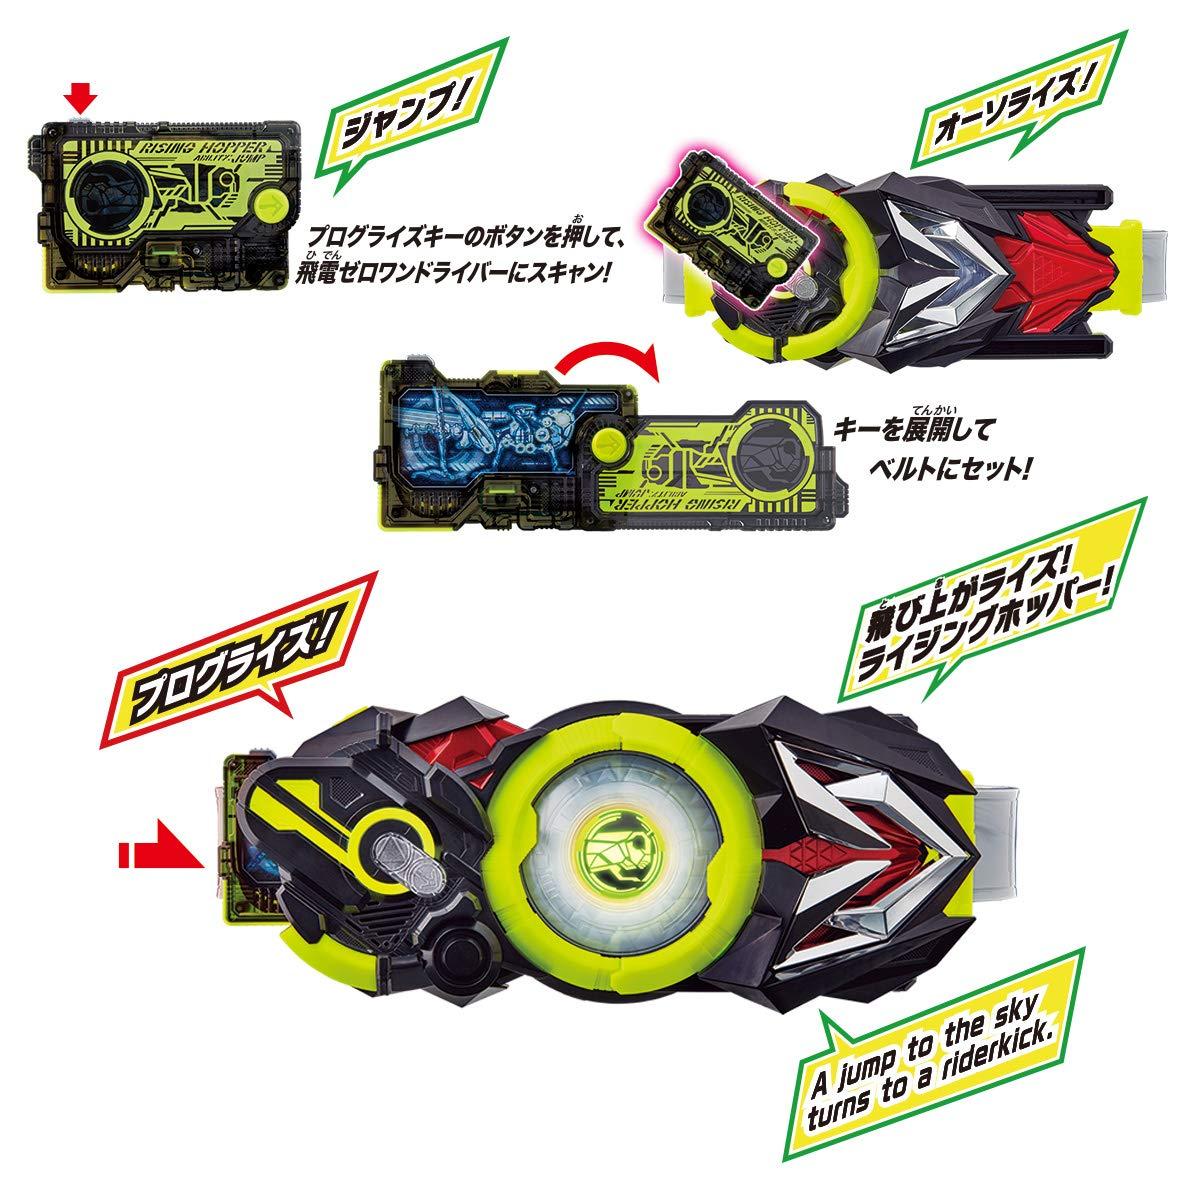 Bandai Kamen Rider Zero-One DX Hiden Zero-One Driver